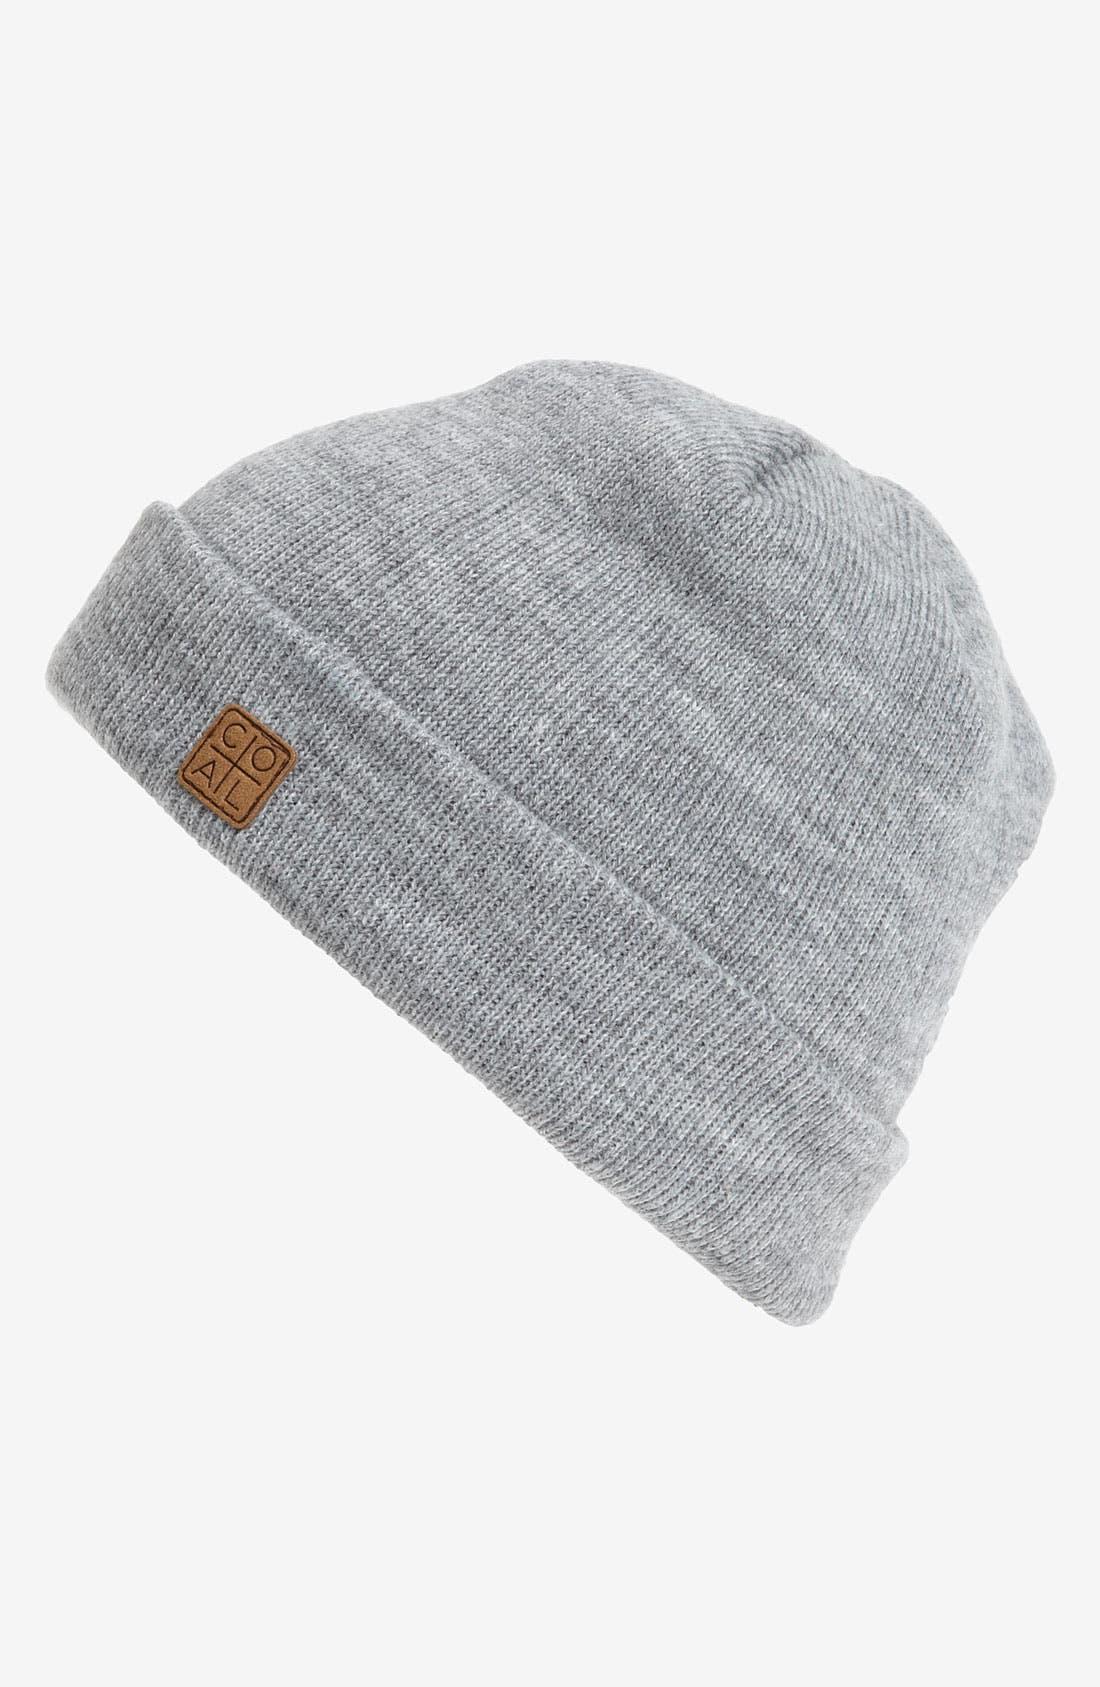 Main Image - Coal 'Harbor' Knit Cap